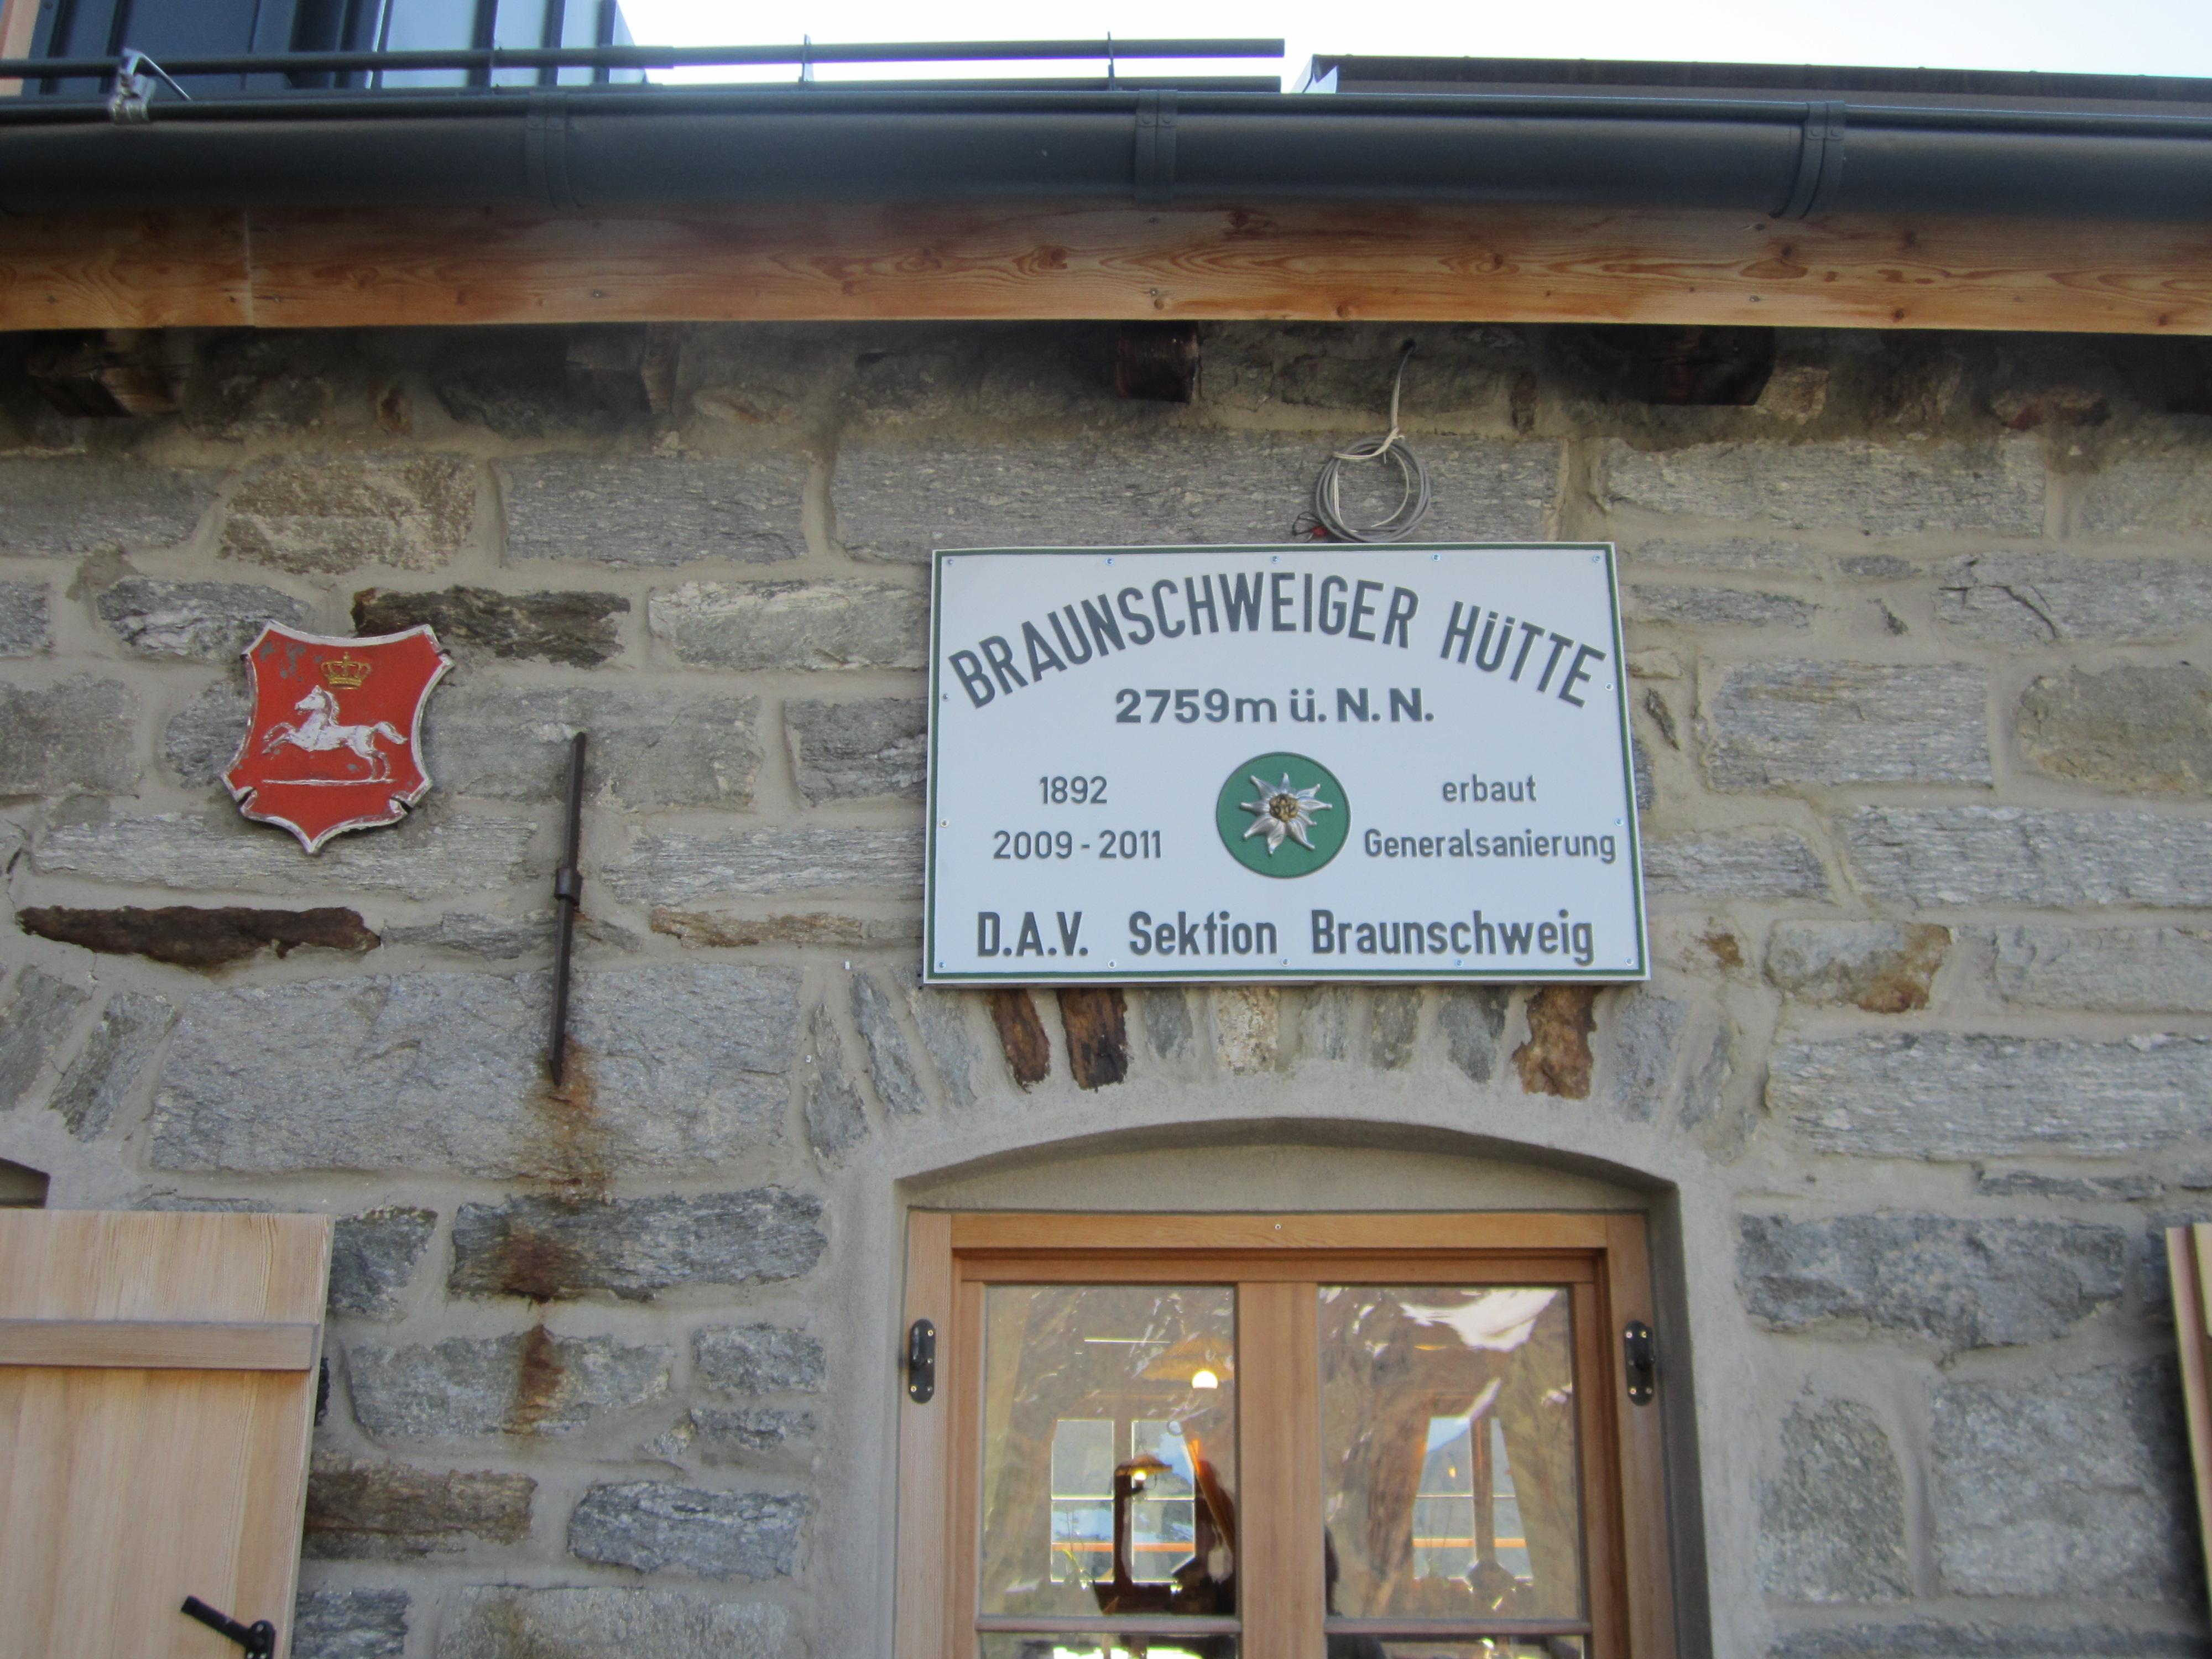 Braunschweiger Hütte 2759m